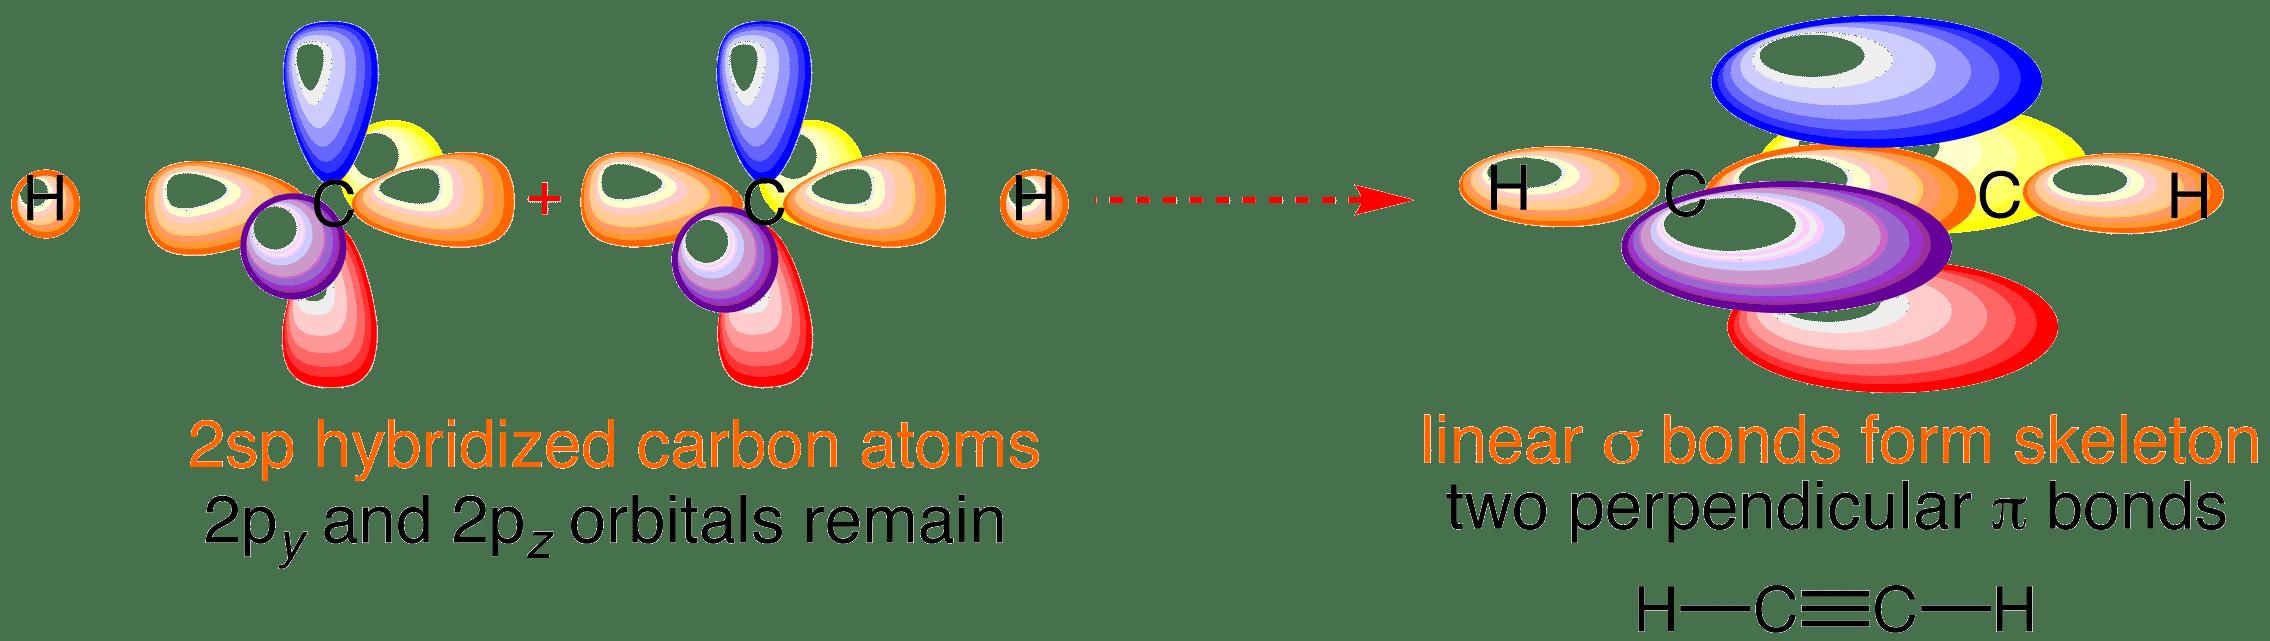 acetylene orbitals